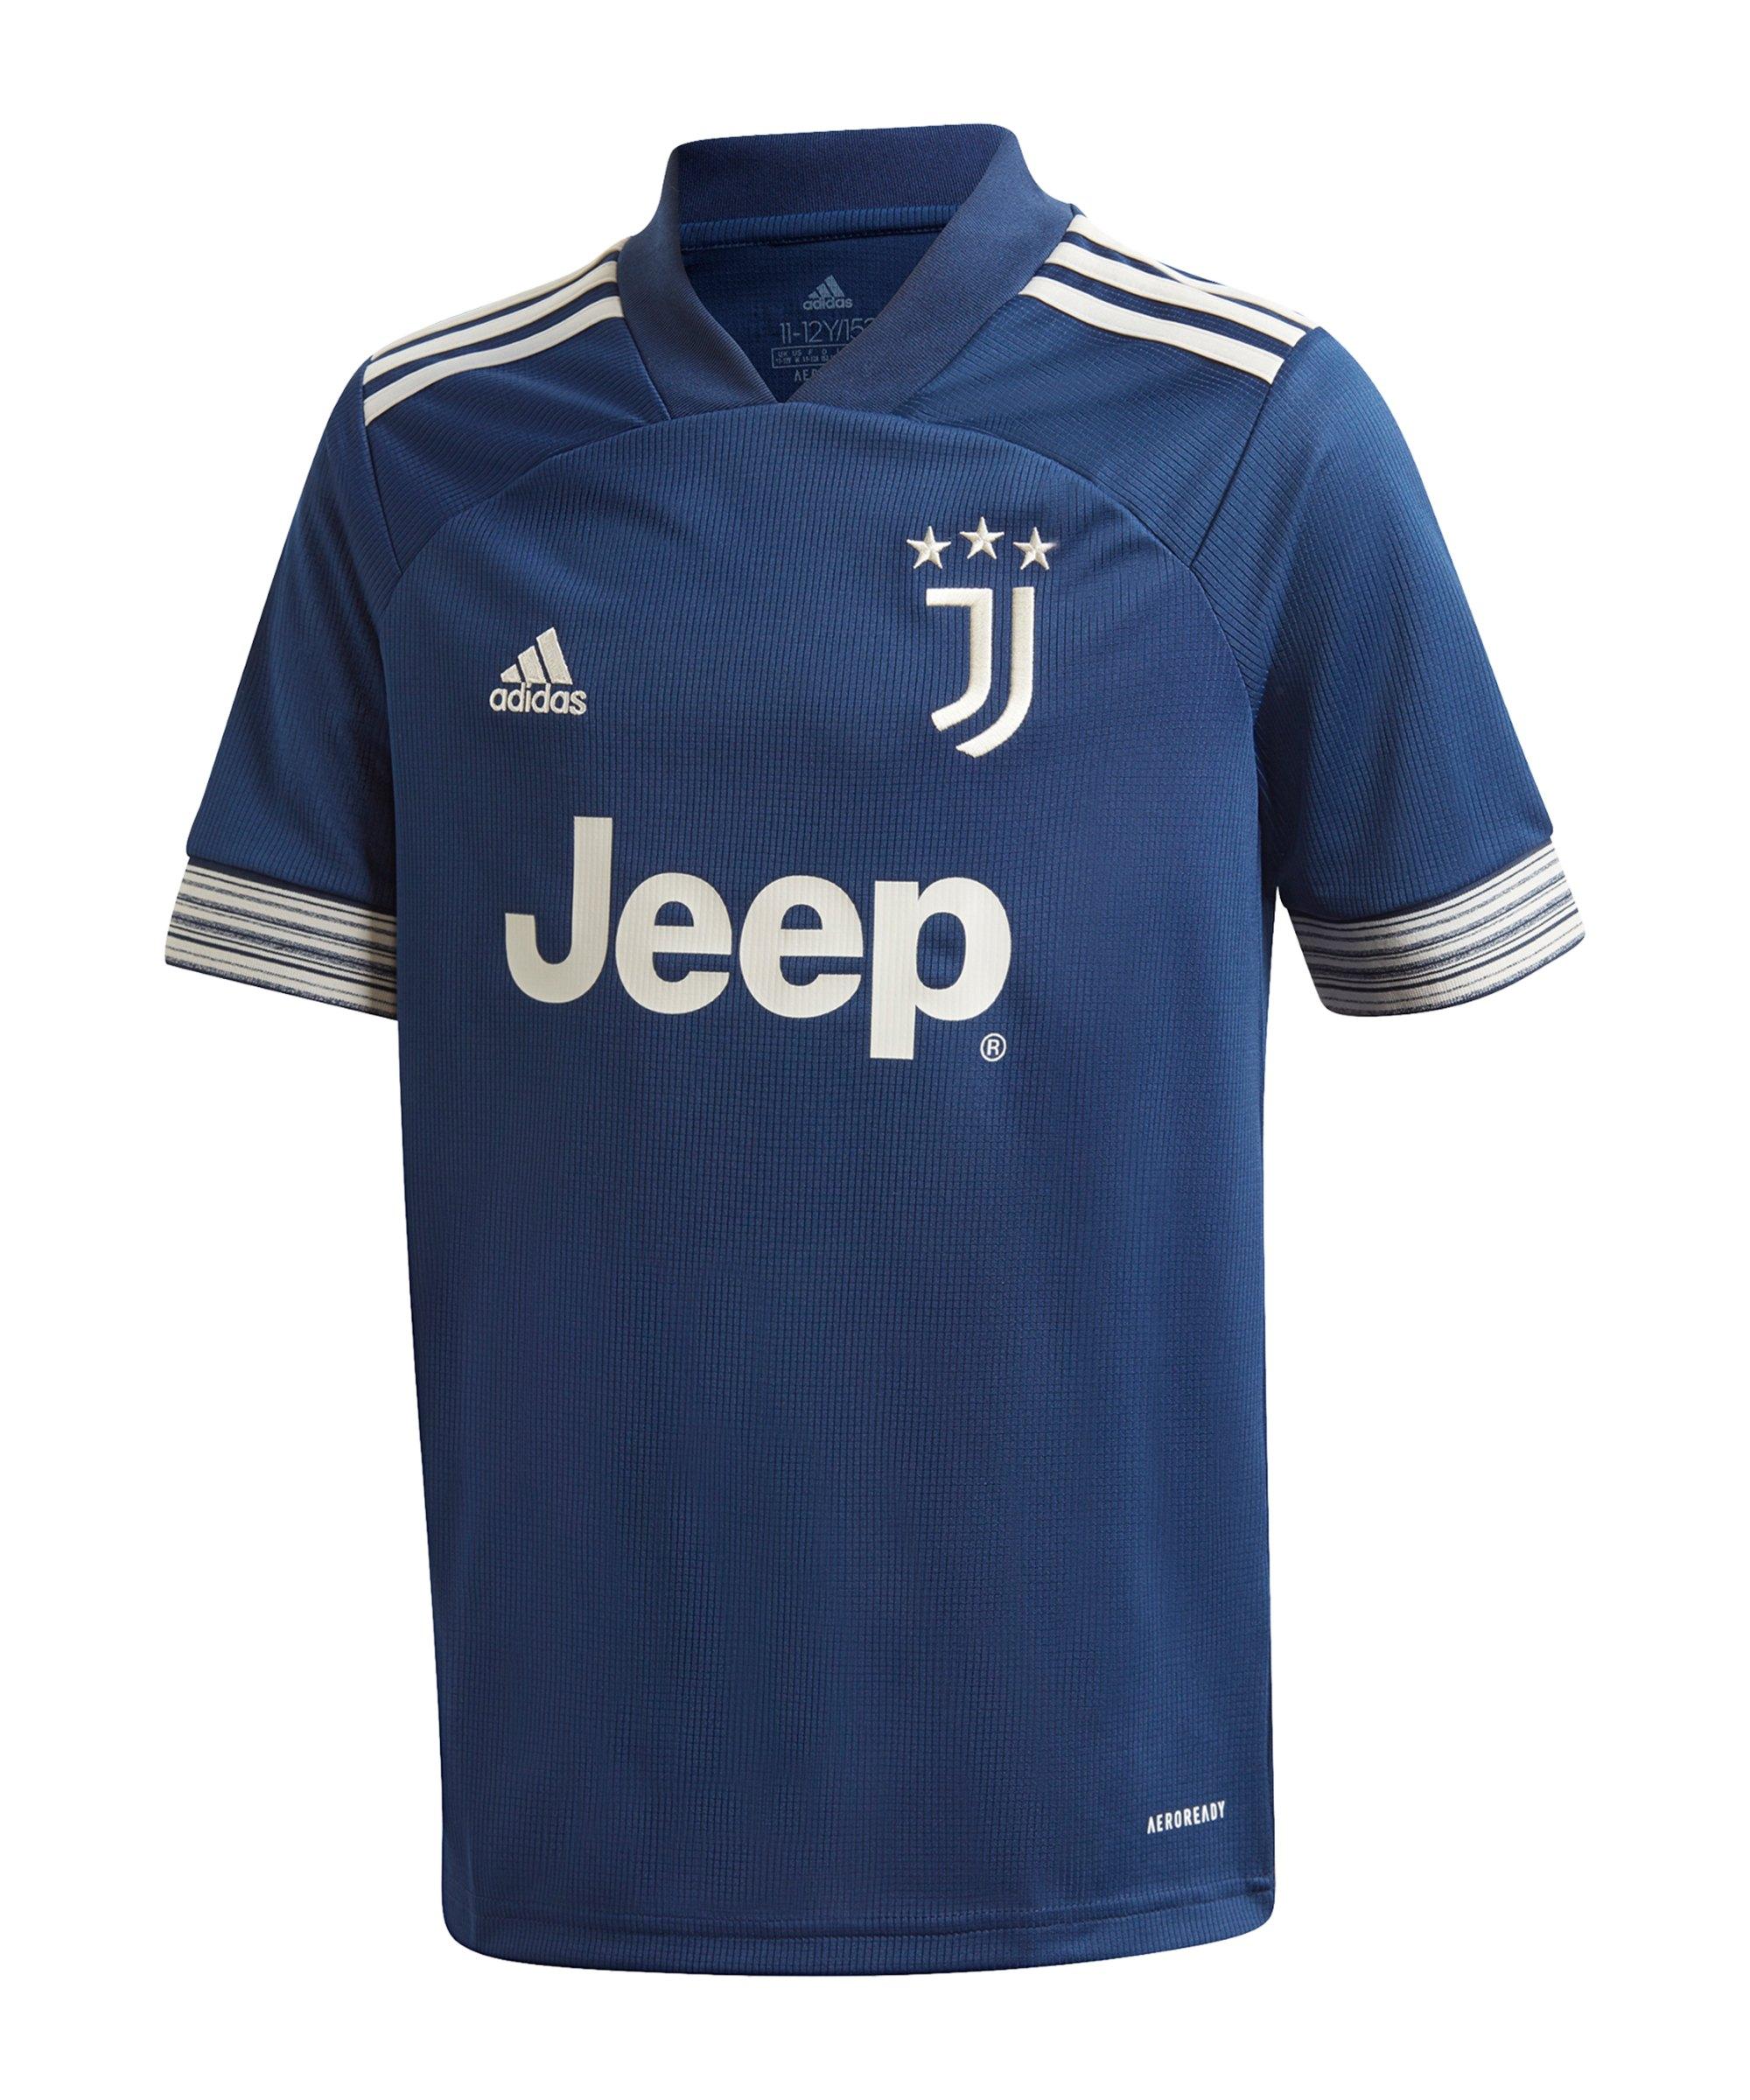 adidas Juventus Turin Trikot Away 2020/2021 Kids - blau